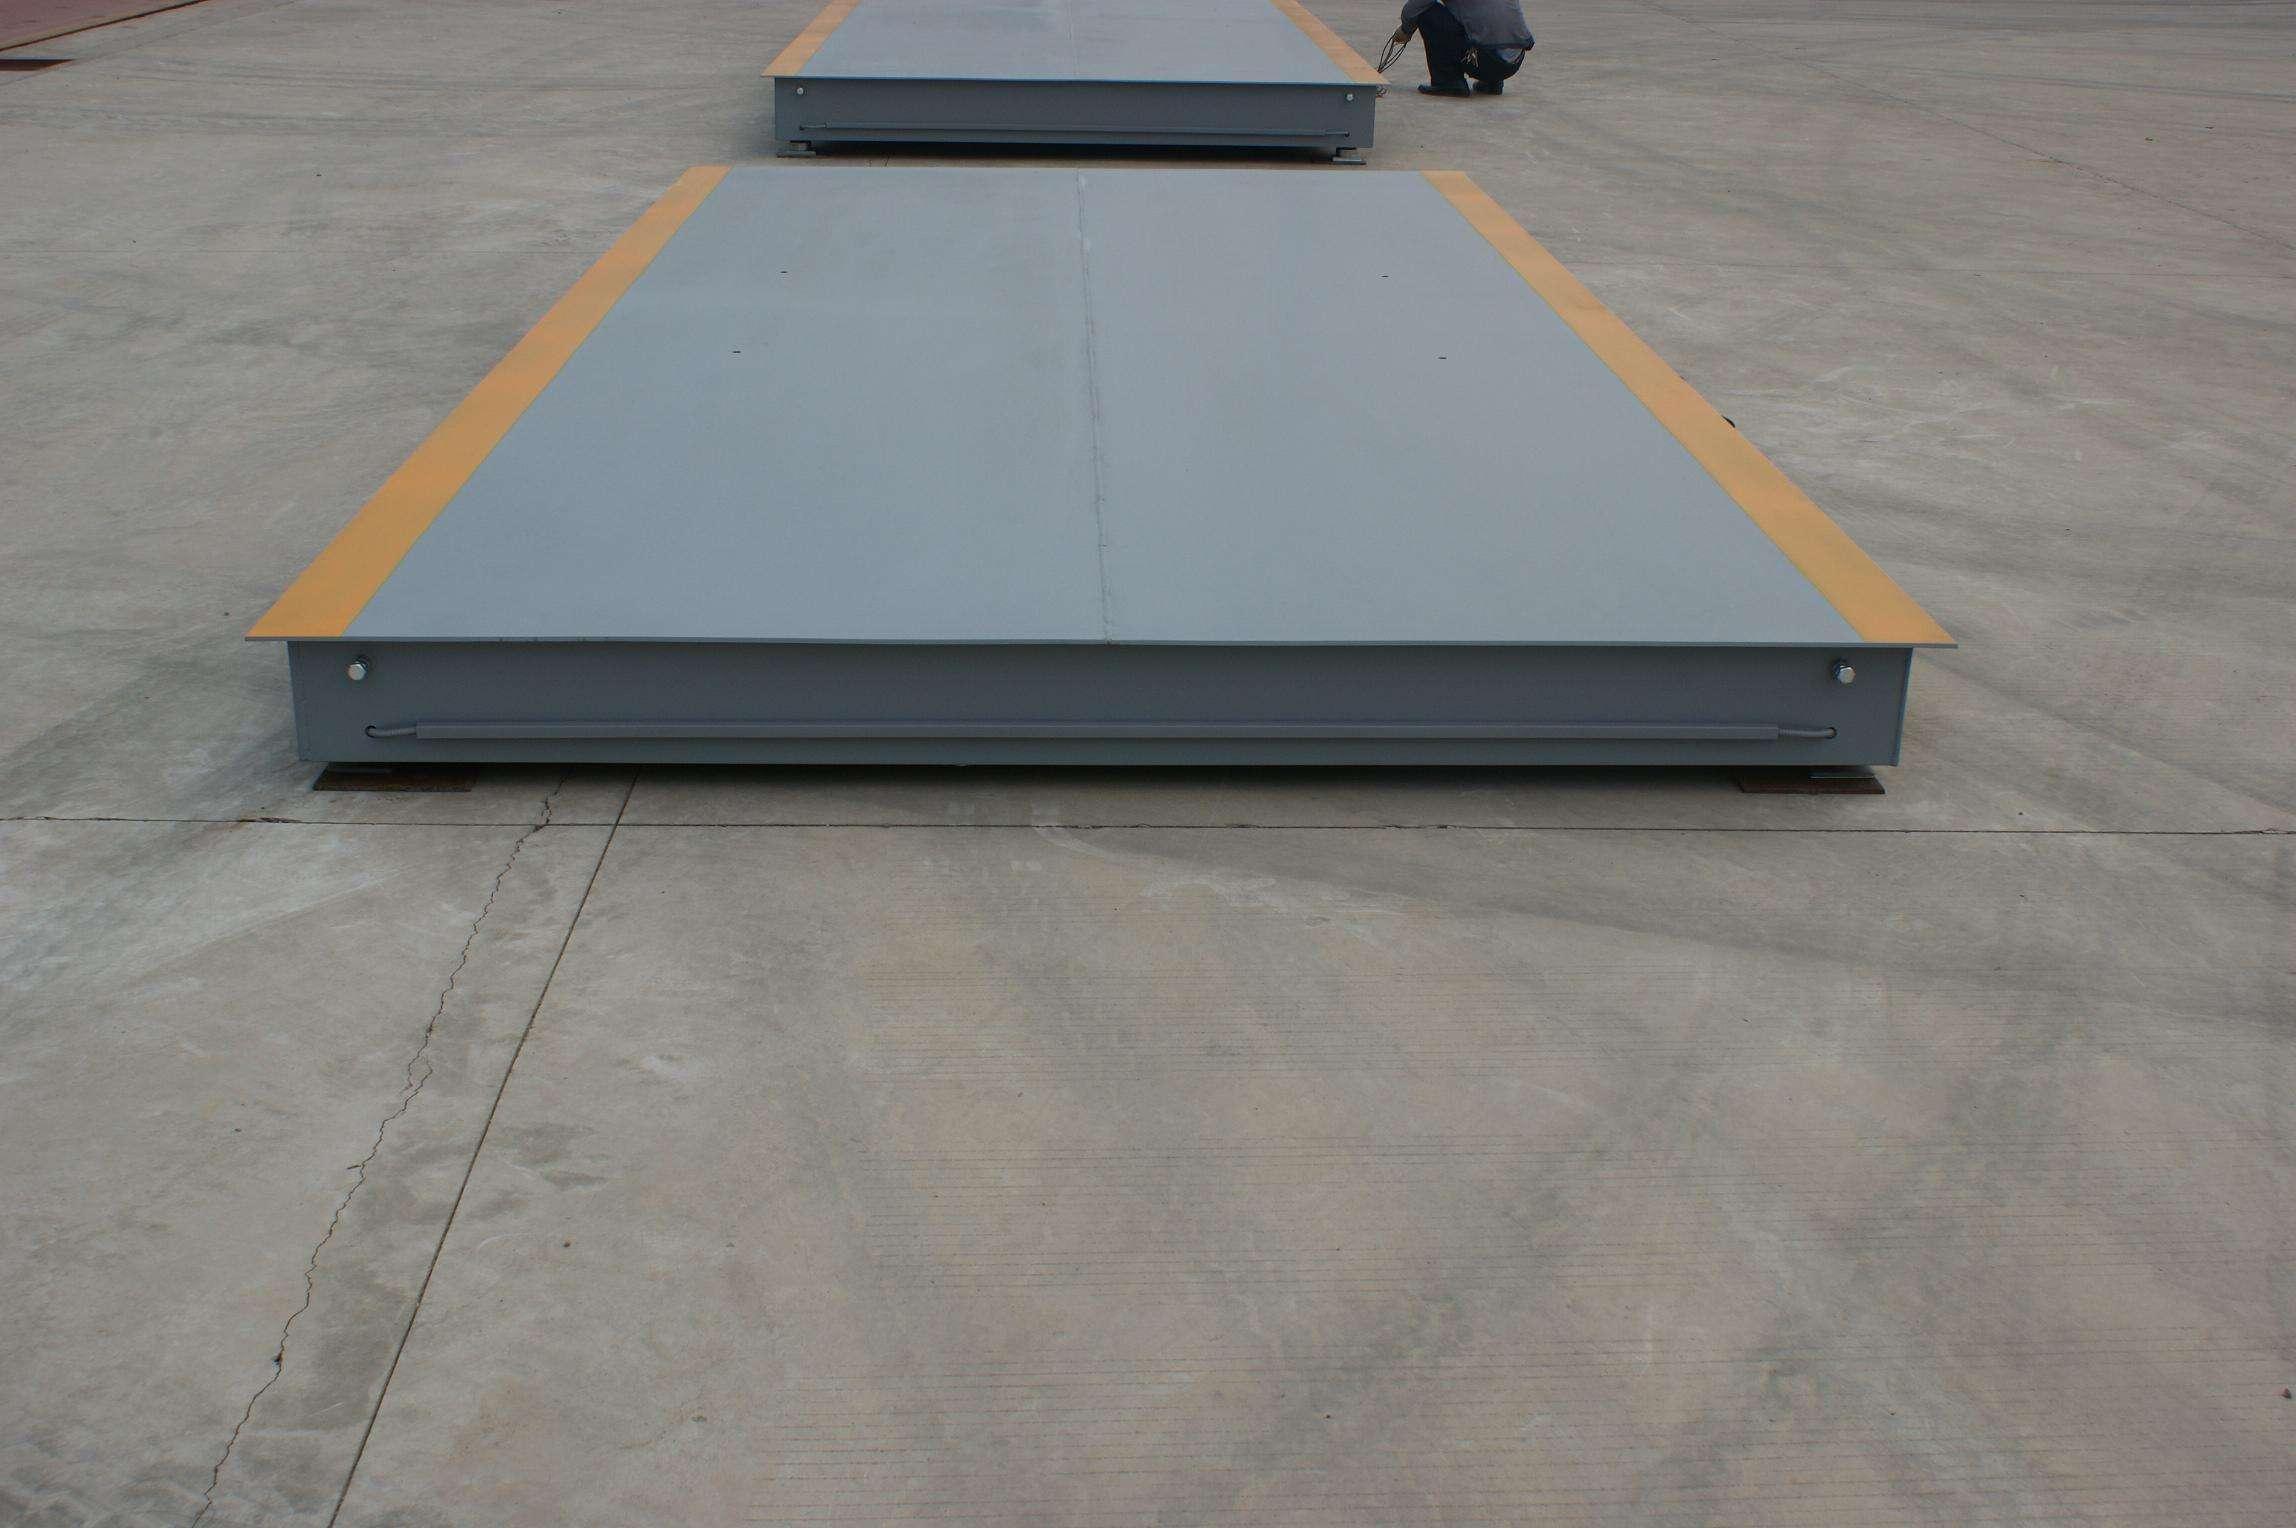 鄂州电子秤-鄂州地磅20吨-鄂州12米的汽车衡